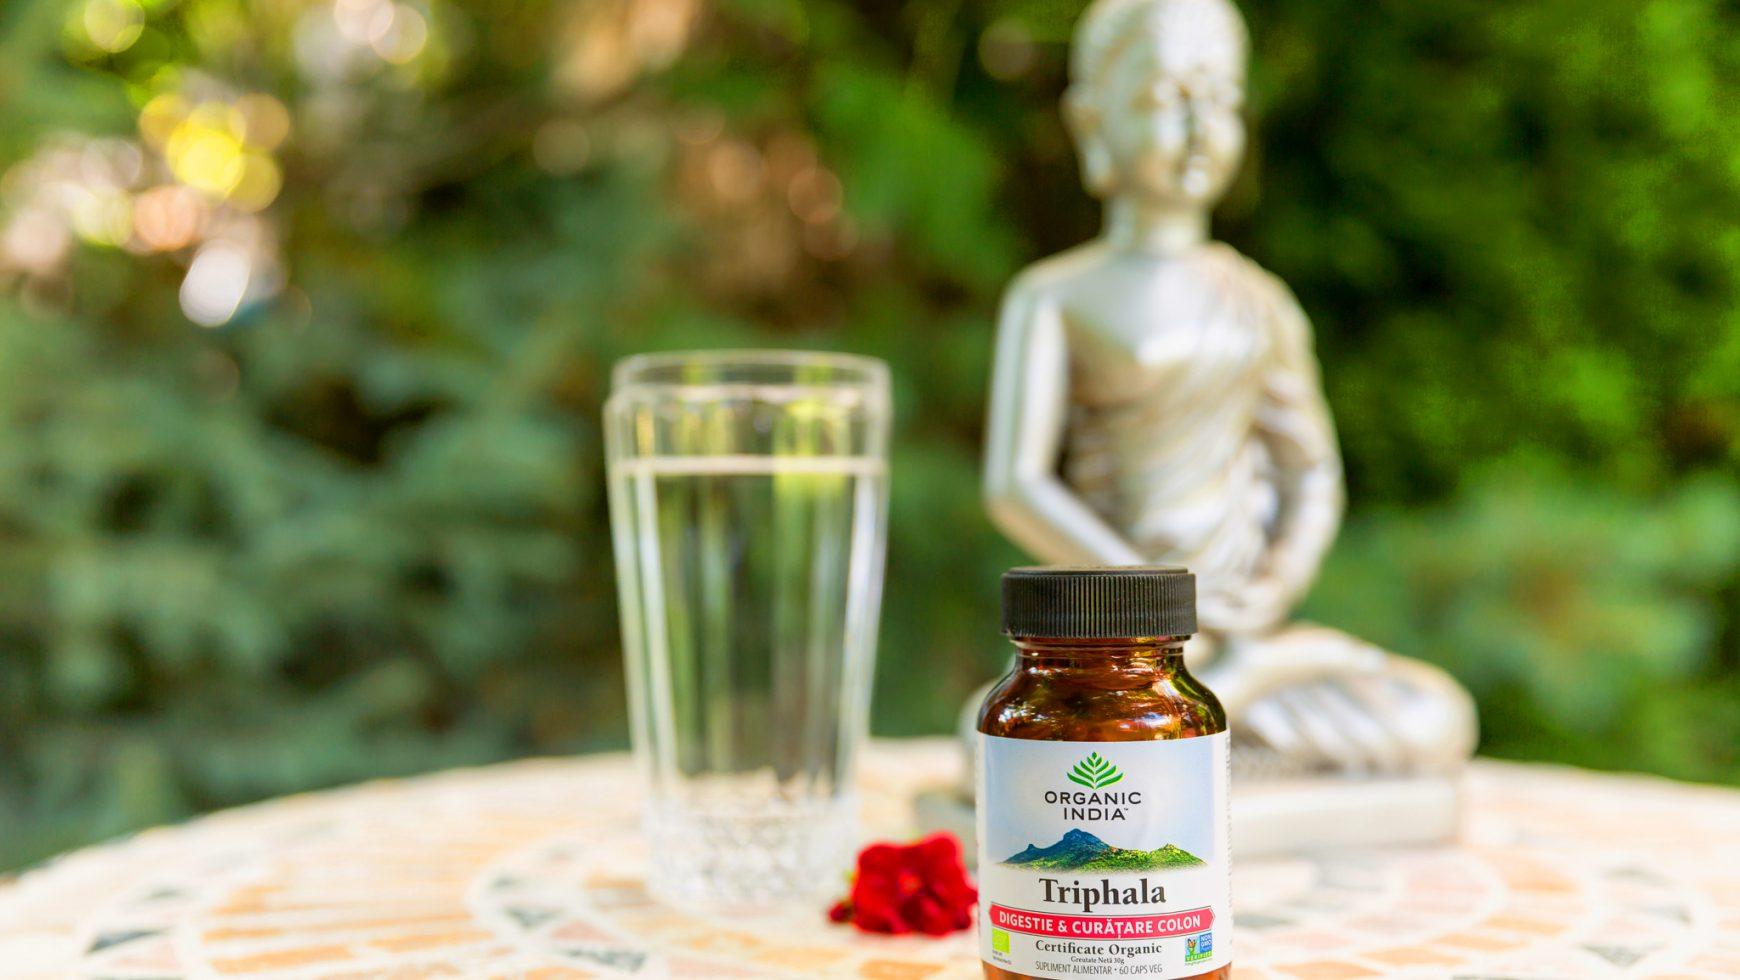 Intrebari frecvente despre Triphala, remediu holistic pentru digestie si curatarea colonului